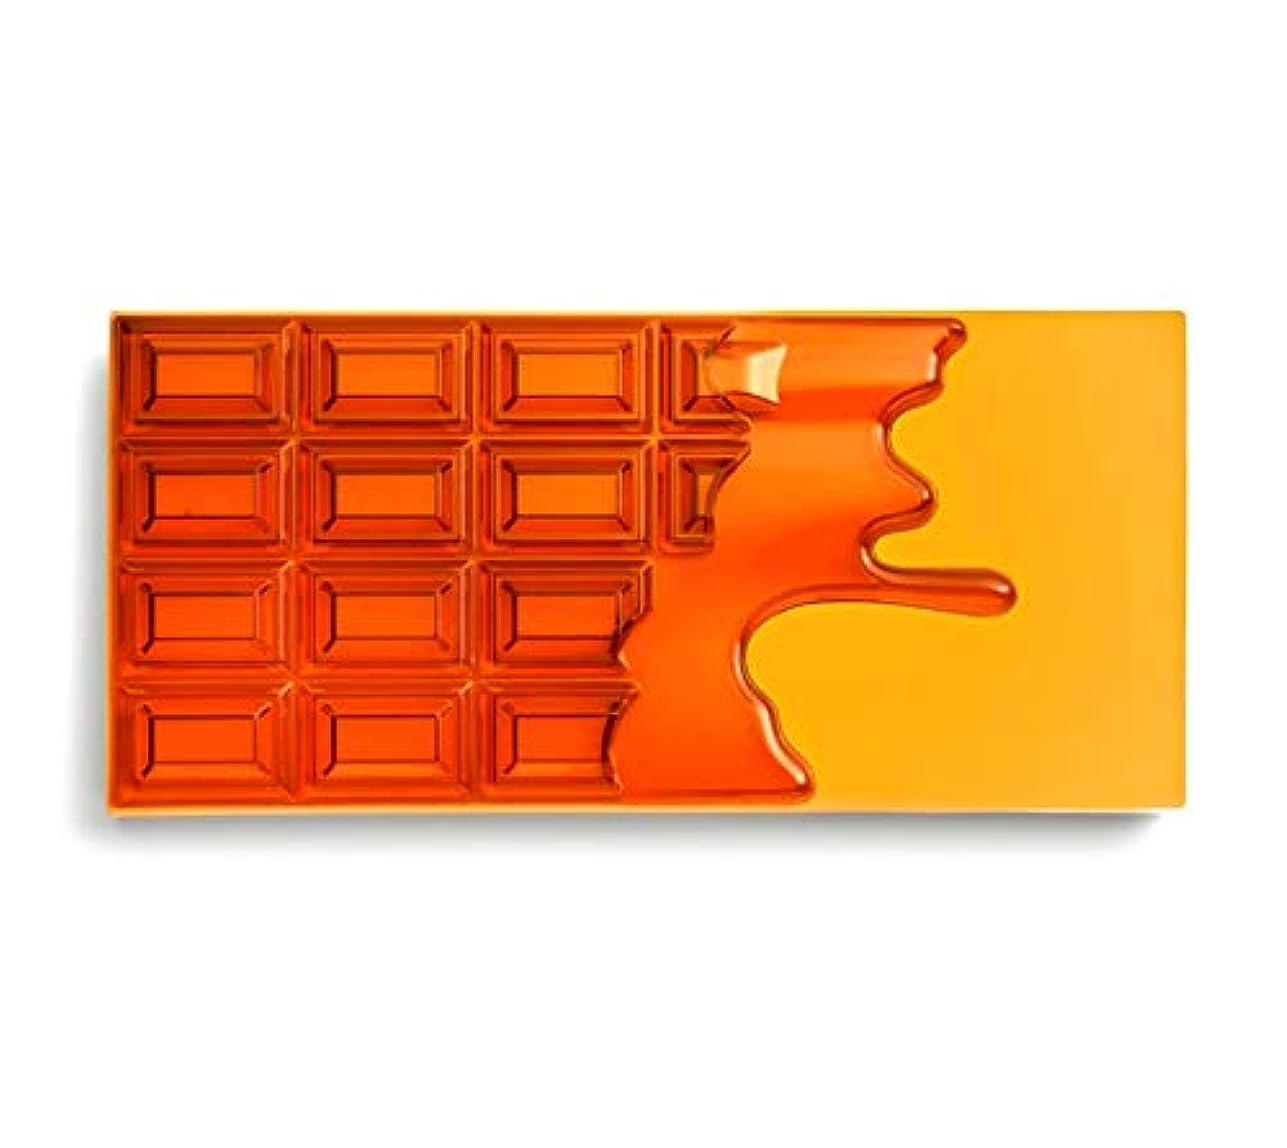 貞演じるマイナーメイクアップレボリューション アイラブメイクアップ チョコレート型18色アイシャドウパレット #Honey Chocolate ハニーチョコレートパレット アイシャドウ